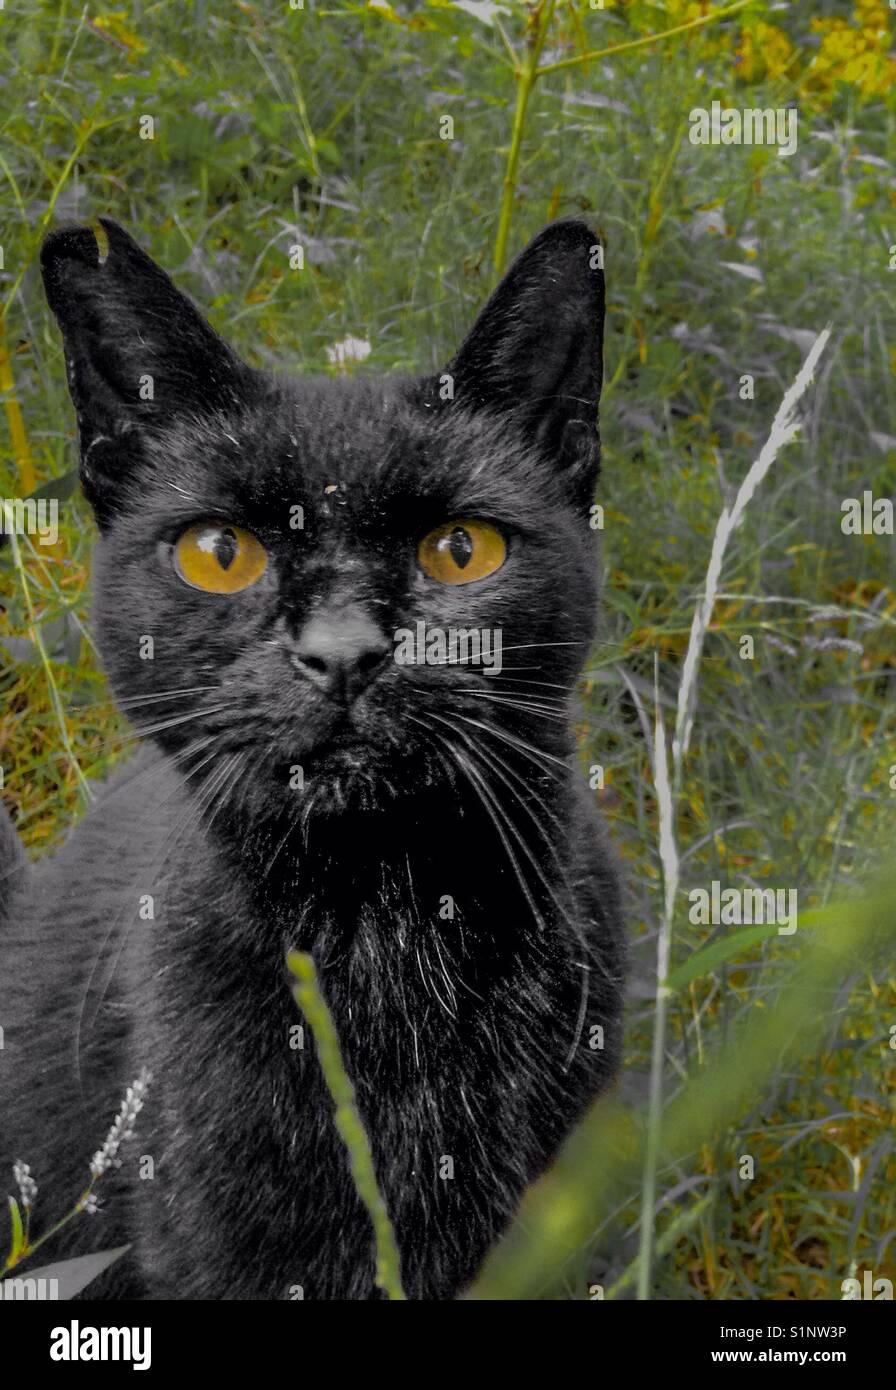 Inquisitive cat - Stock Image